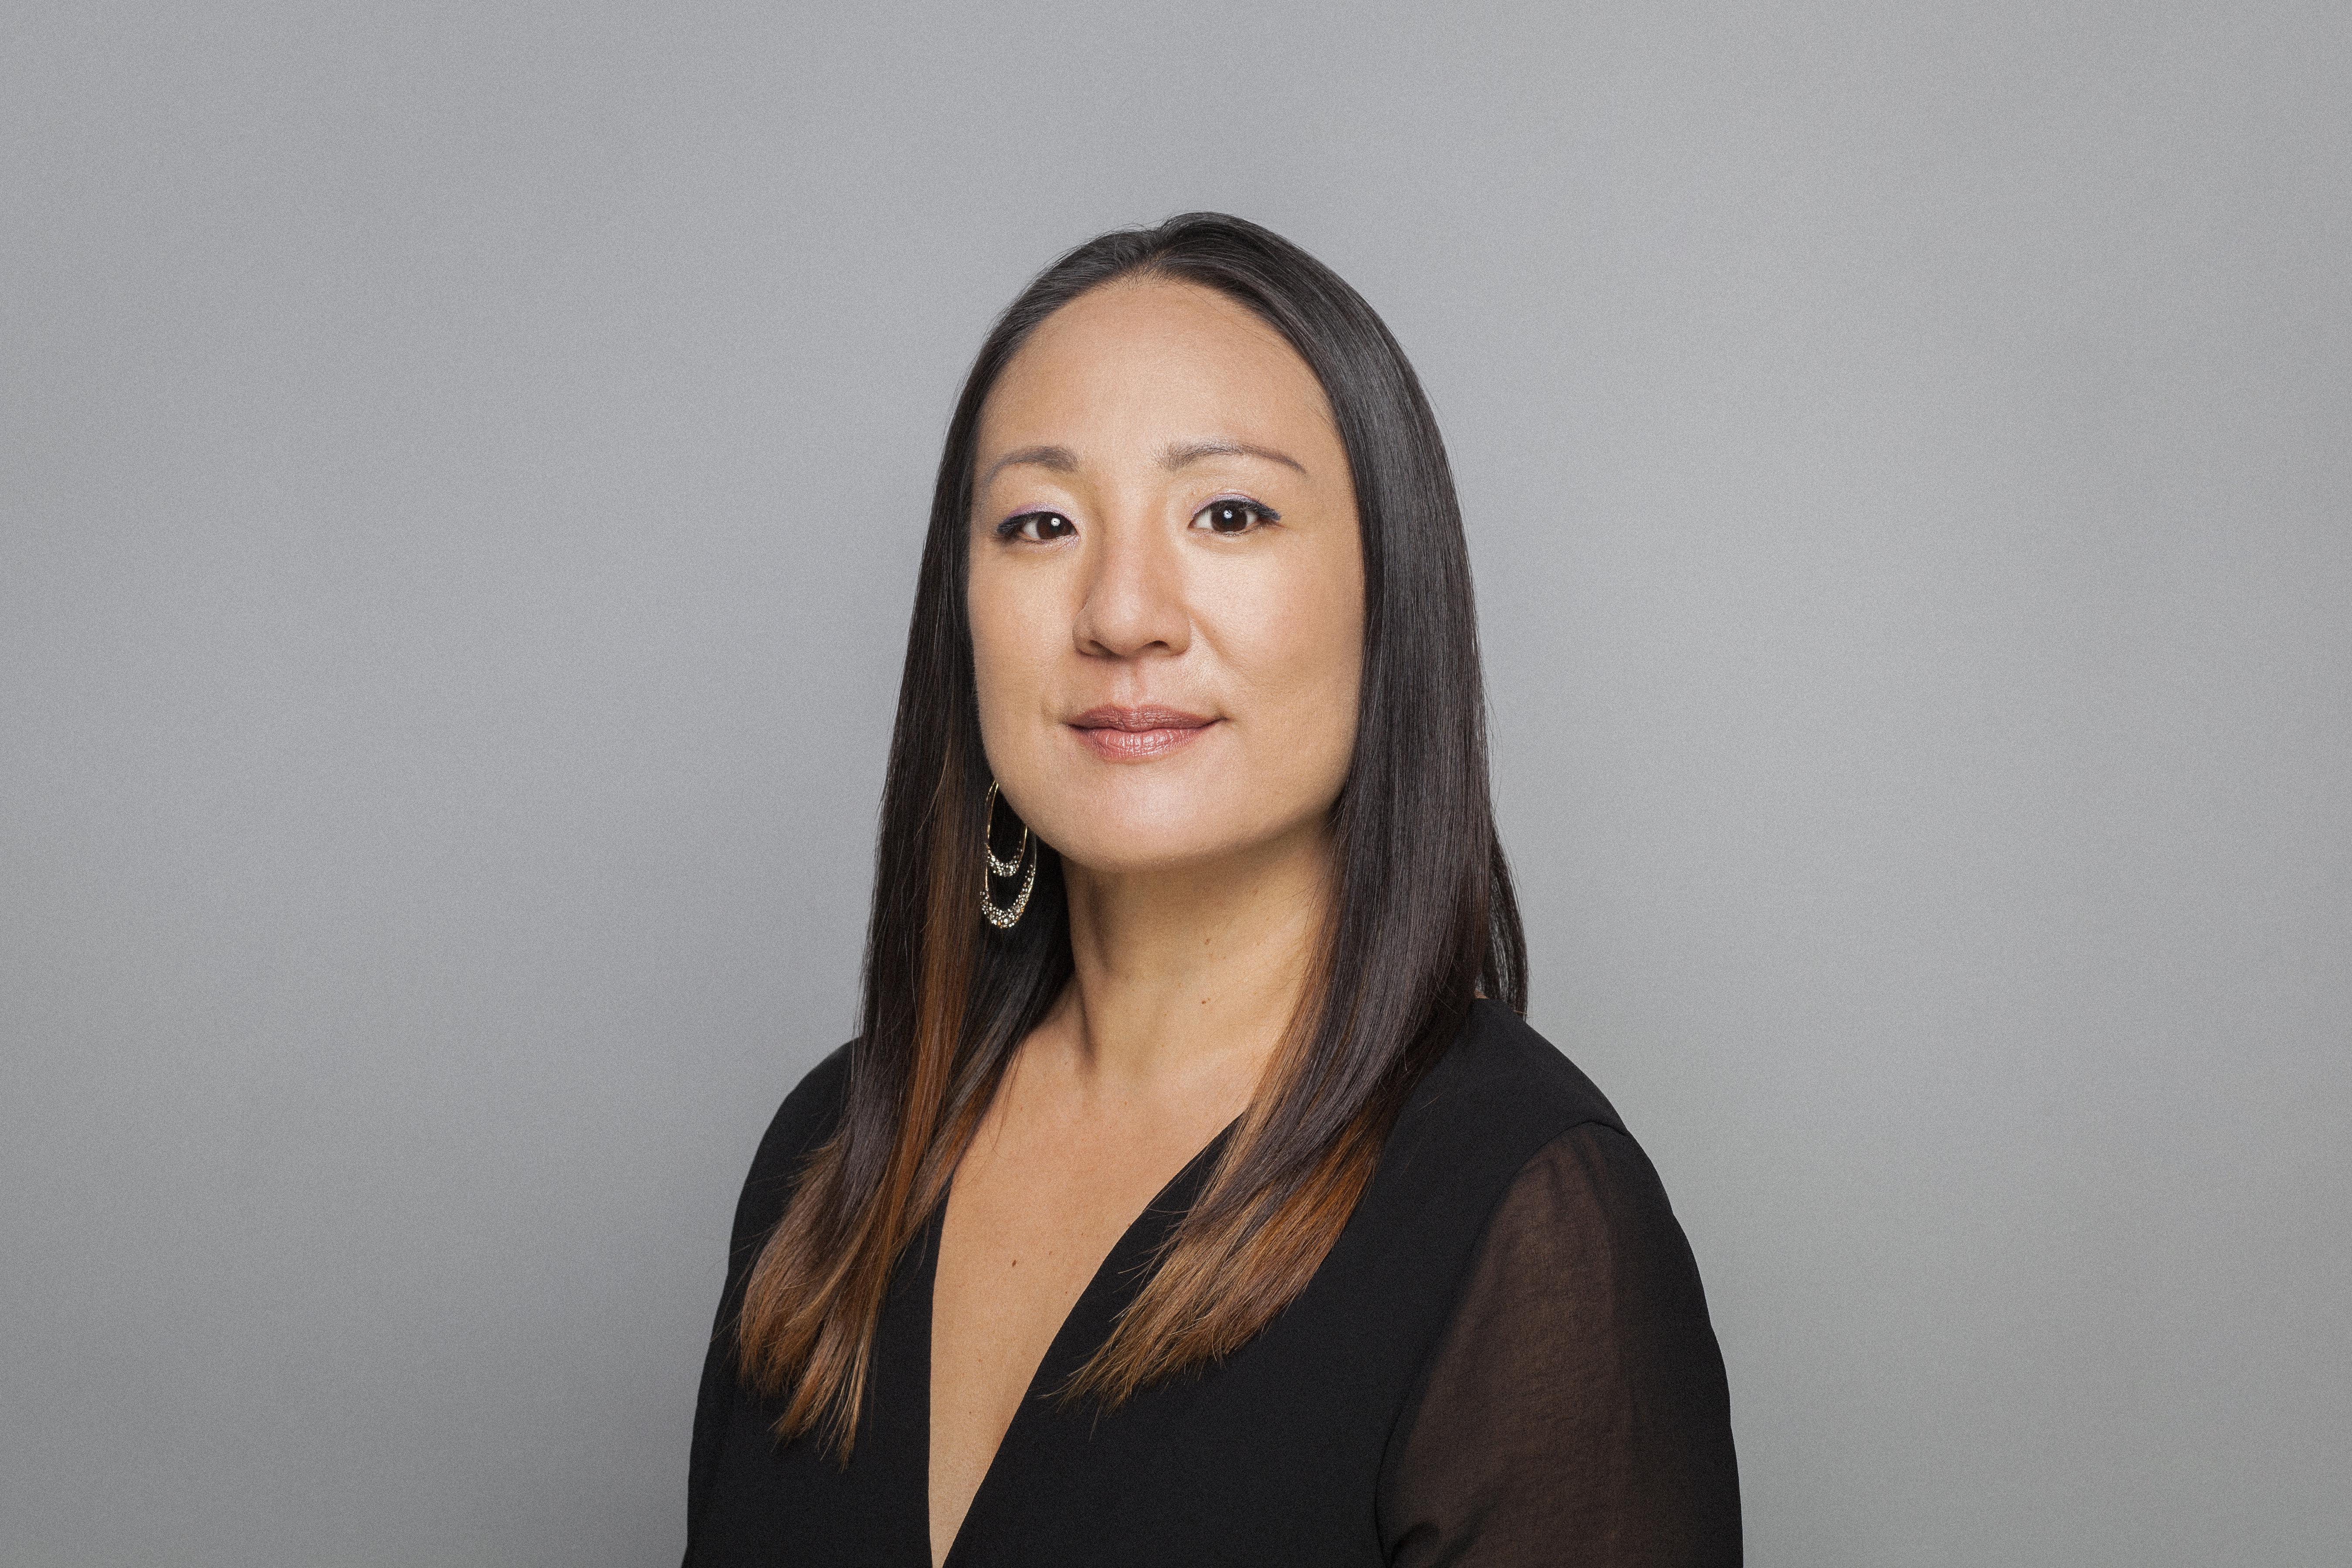 Sandra Kang, Marketing Executive, at CAA, Los Angeles, Calif. 10.6.15